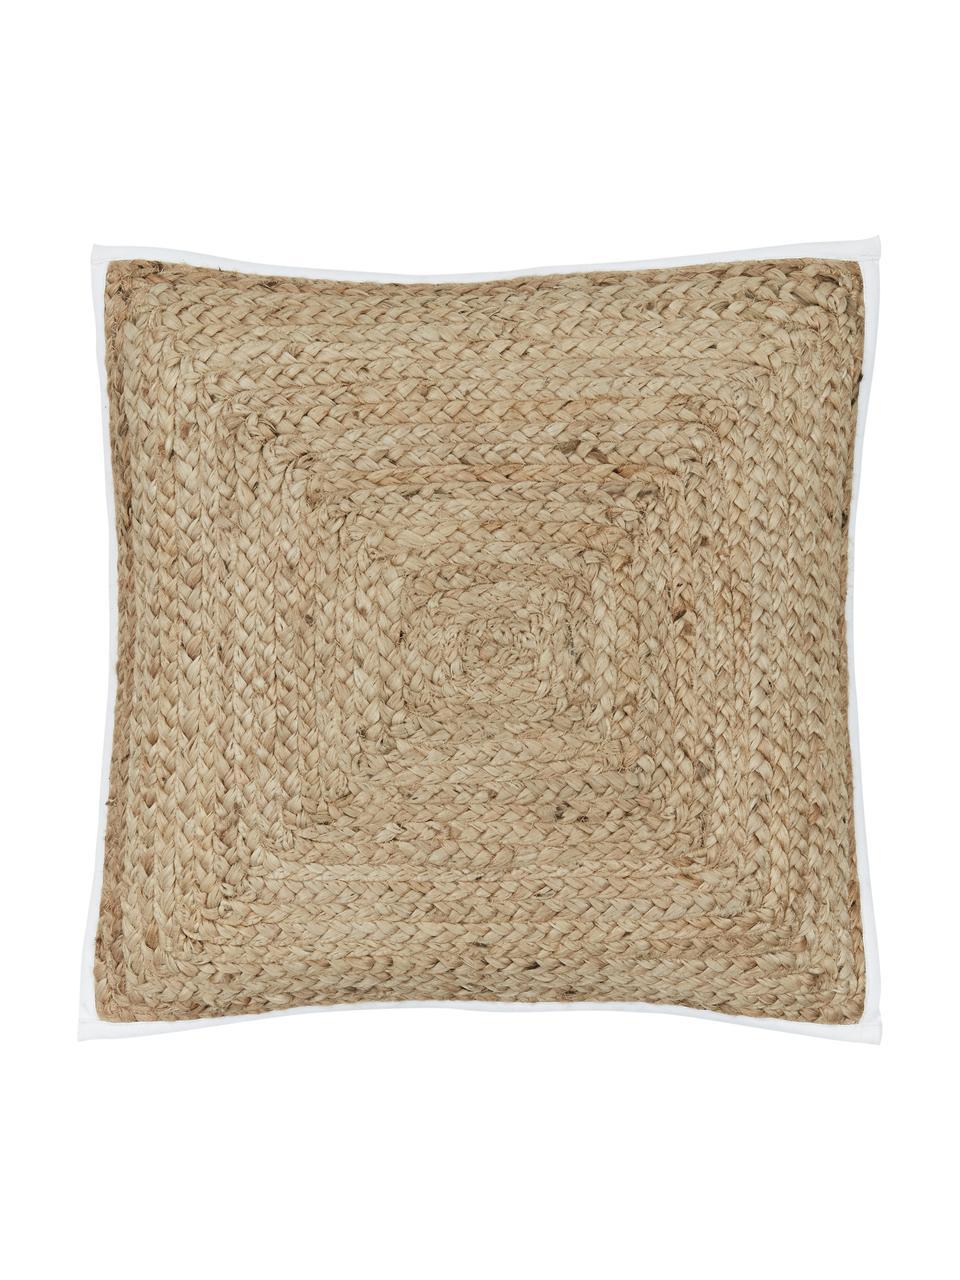 Jute-Kissenhülle Justina, Vorderseite: Jute, Rückseite: Baumwolle, Beige, Weiß, 45 x 45 cm